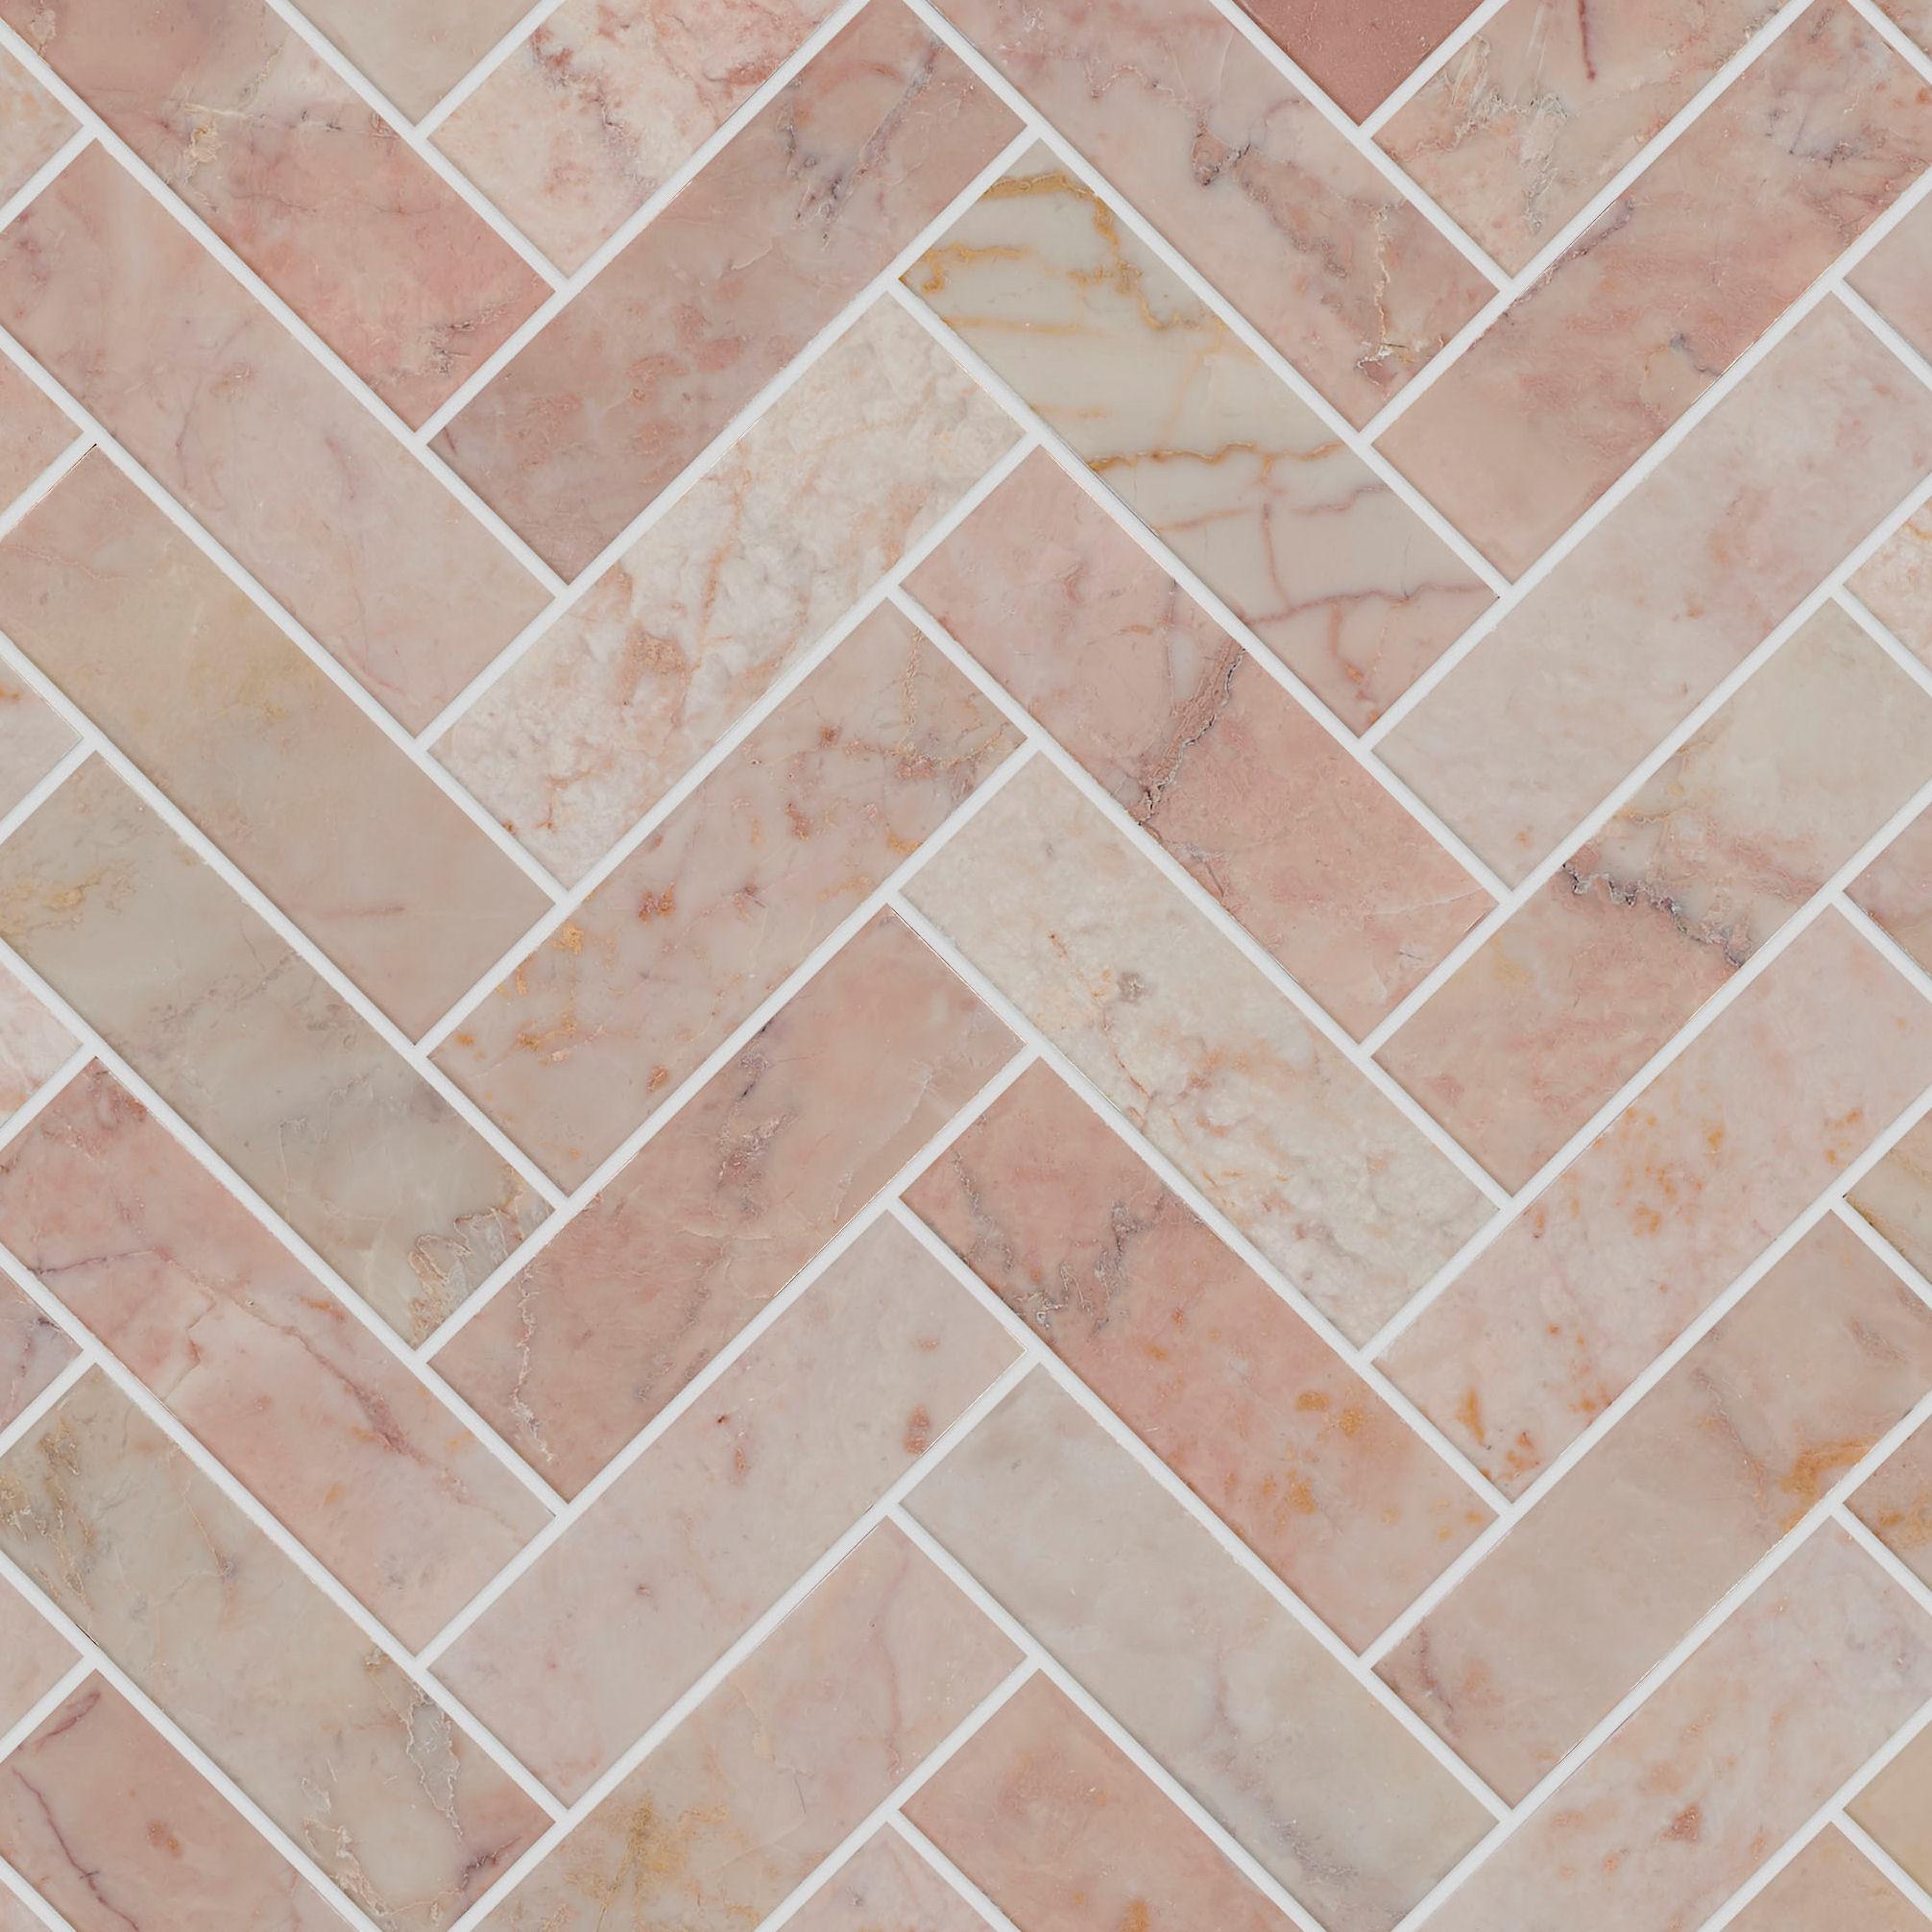 Rosalina Honed Marble Herringbone Mosaic Tiles Mandarin Stone